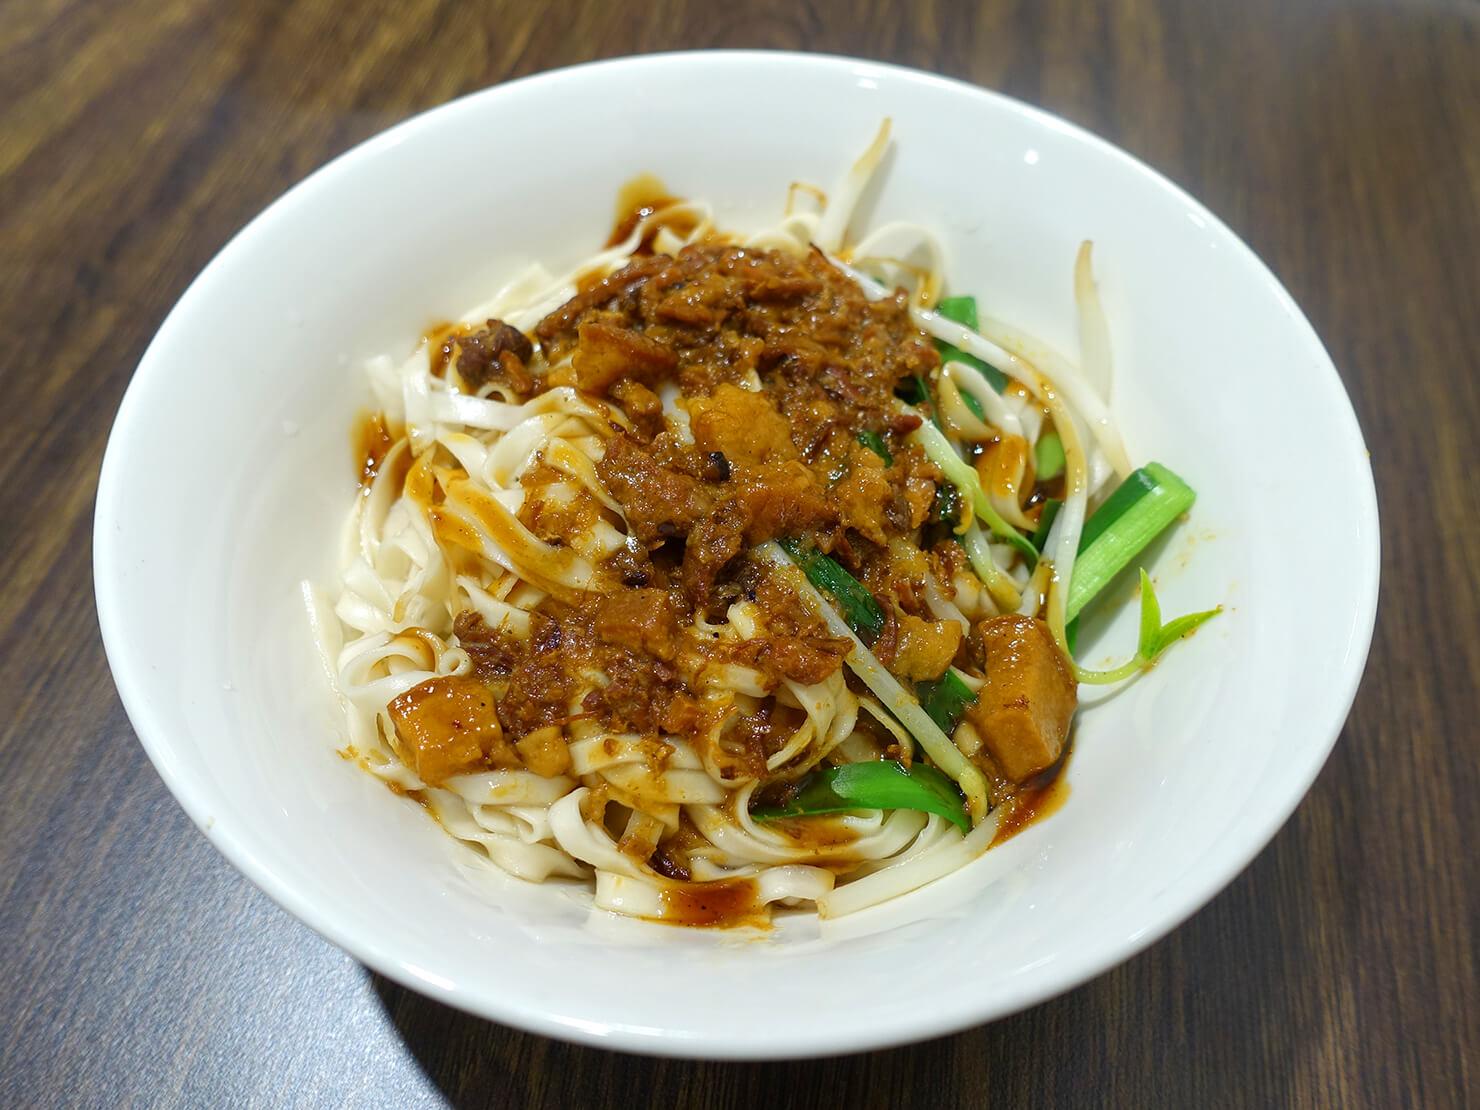 台北・臨江街夜市のおすすめグルメ店「蘇媽媽湯圓」の肉燥乾麵